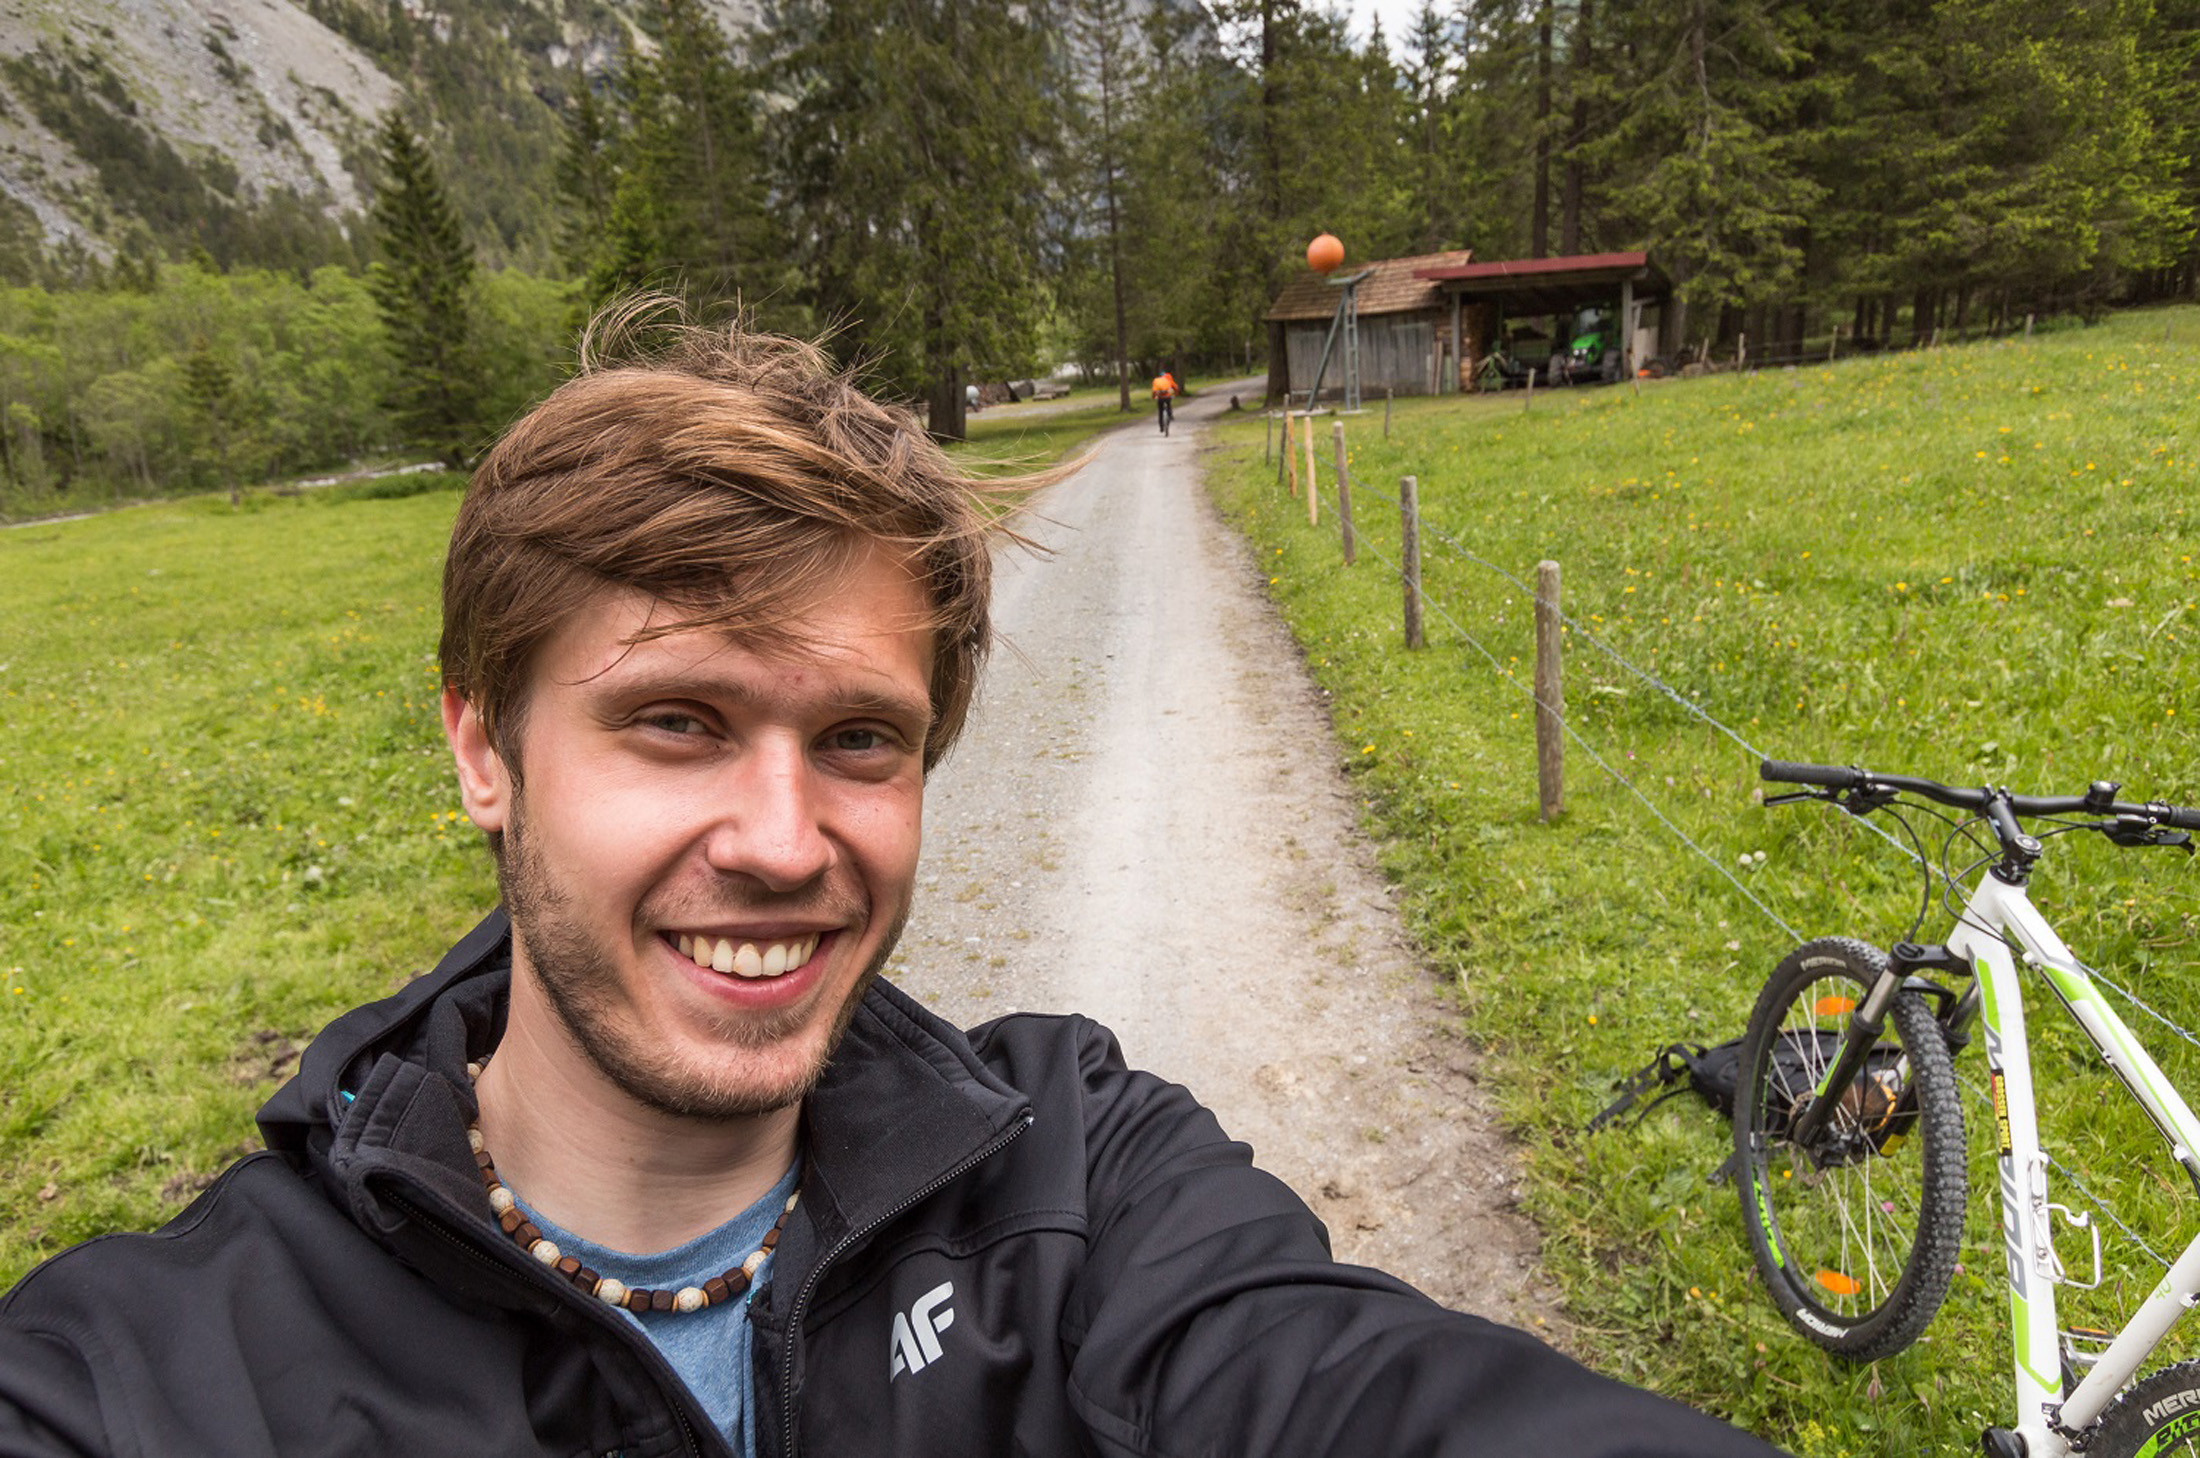 Rowery w Kandesteg mypożyczanie